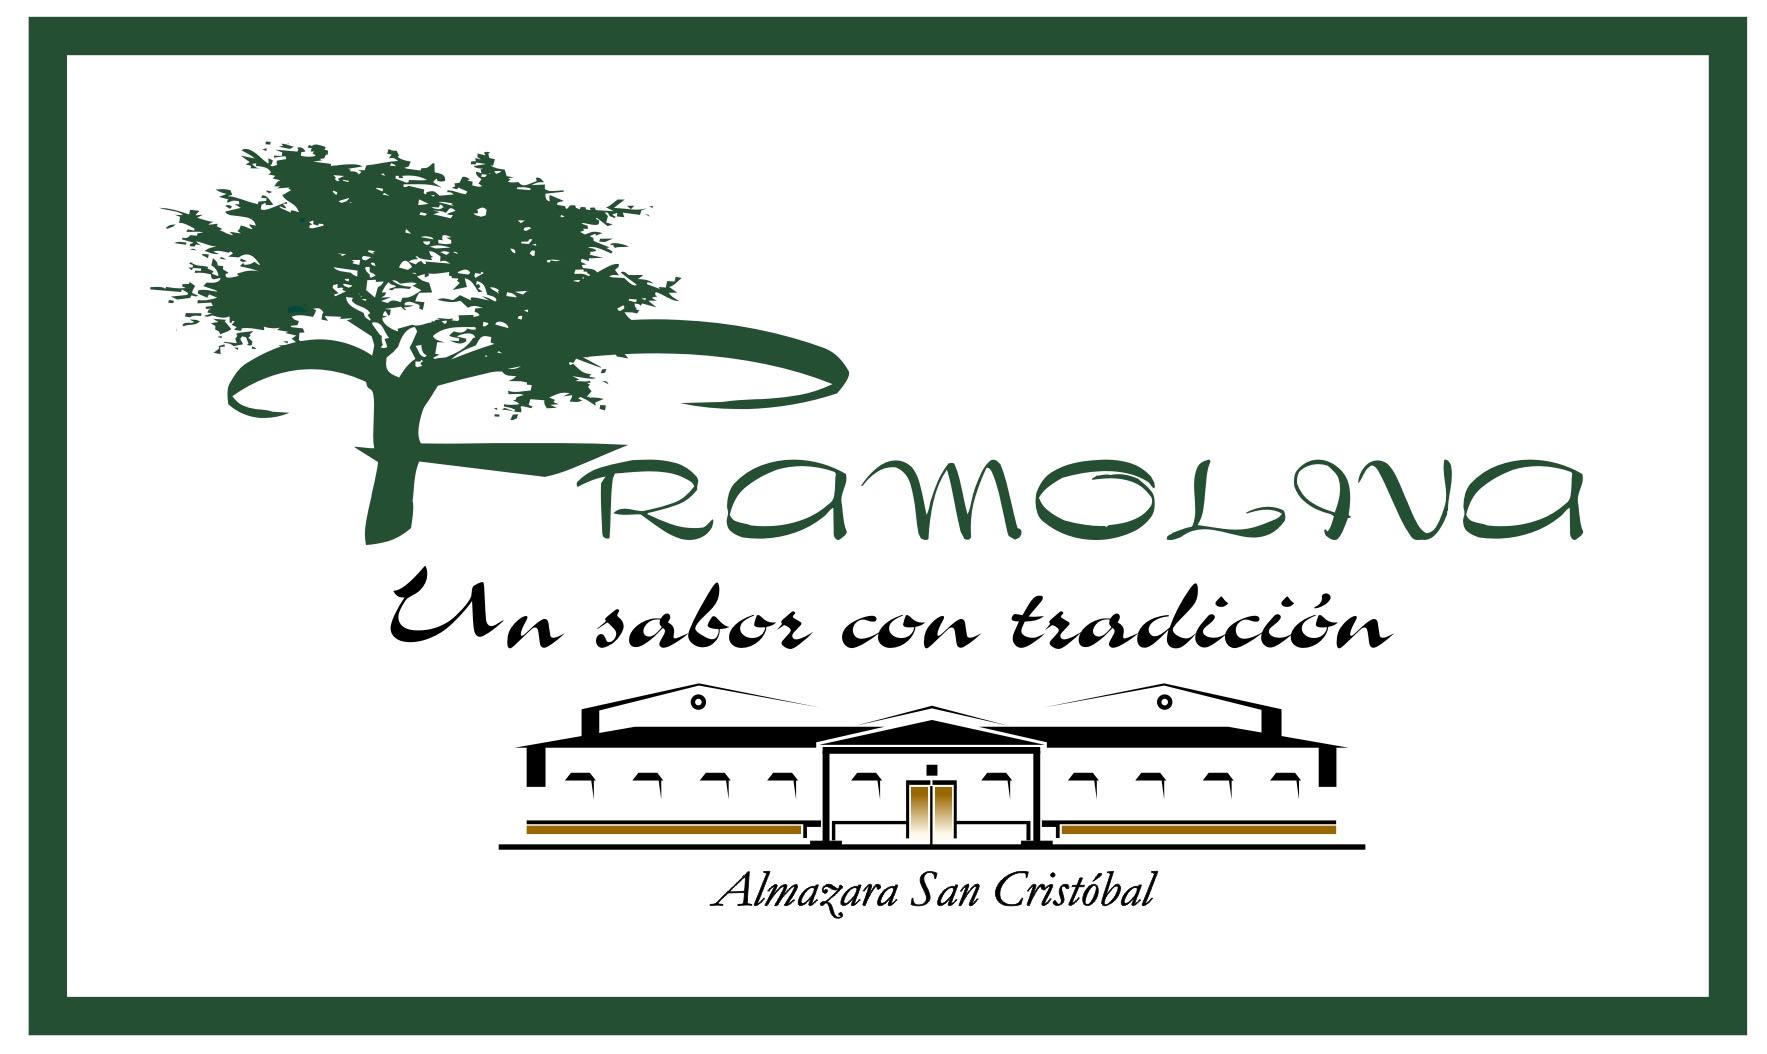 El Aceite de Oliva Virgen Extra FRAMOLIVA, es producido a partir de la selección y limpieza de las aceitunas en la Almazara San Cristóbal de Huevar del Aljarafe, formando por ello parte de la comarca Aljarafe-Doñana, en Sevilla.